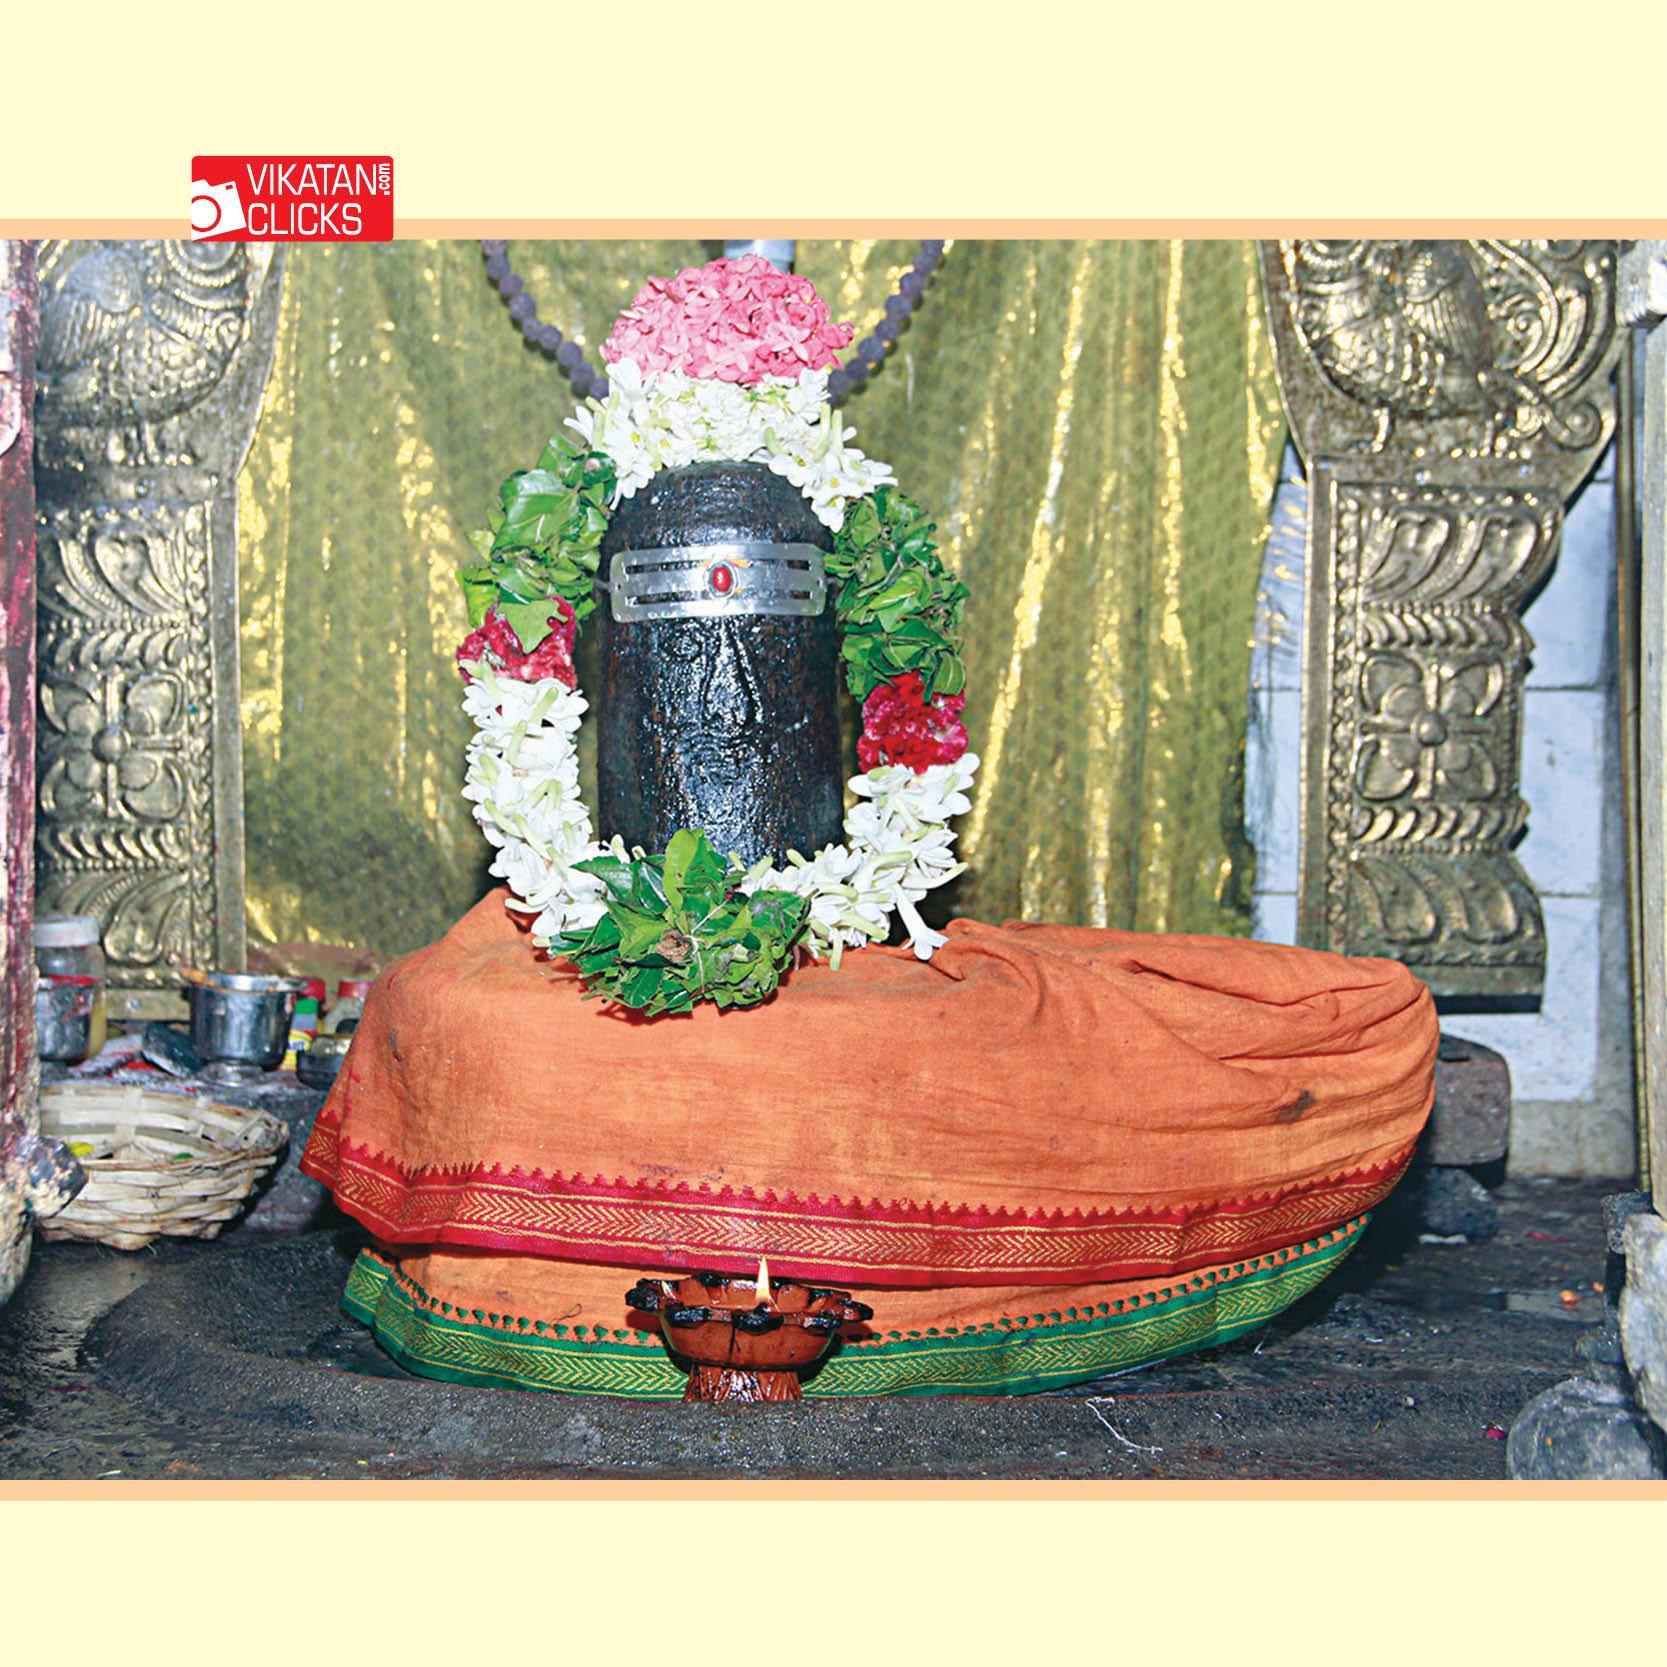 குட்டையூர் ஸ்ரீமாதேஸ்வரர்